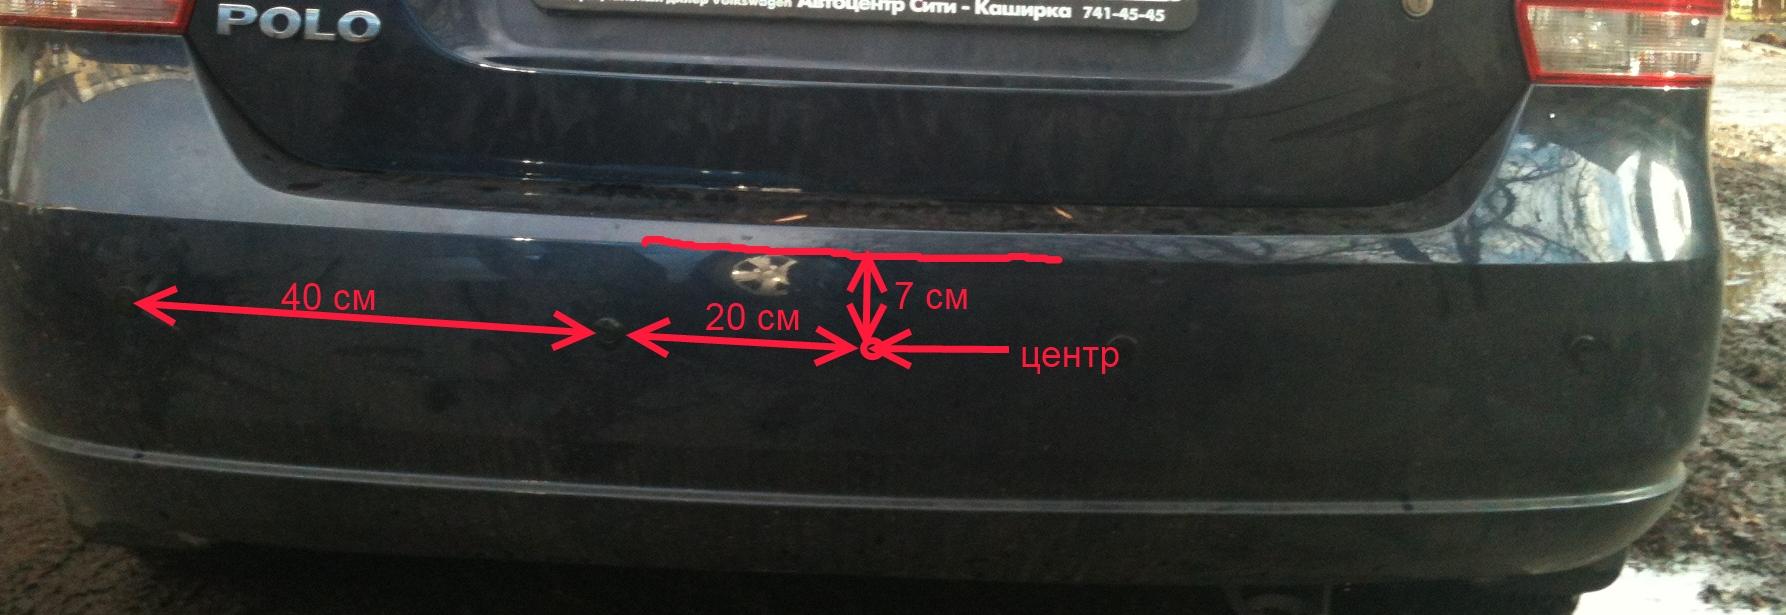 Установка парктроников без снятия бампера своими руками